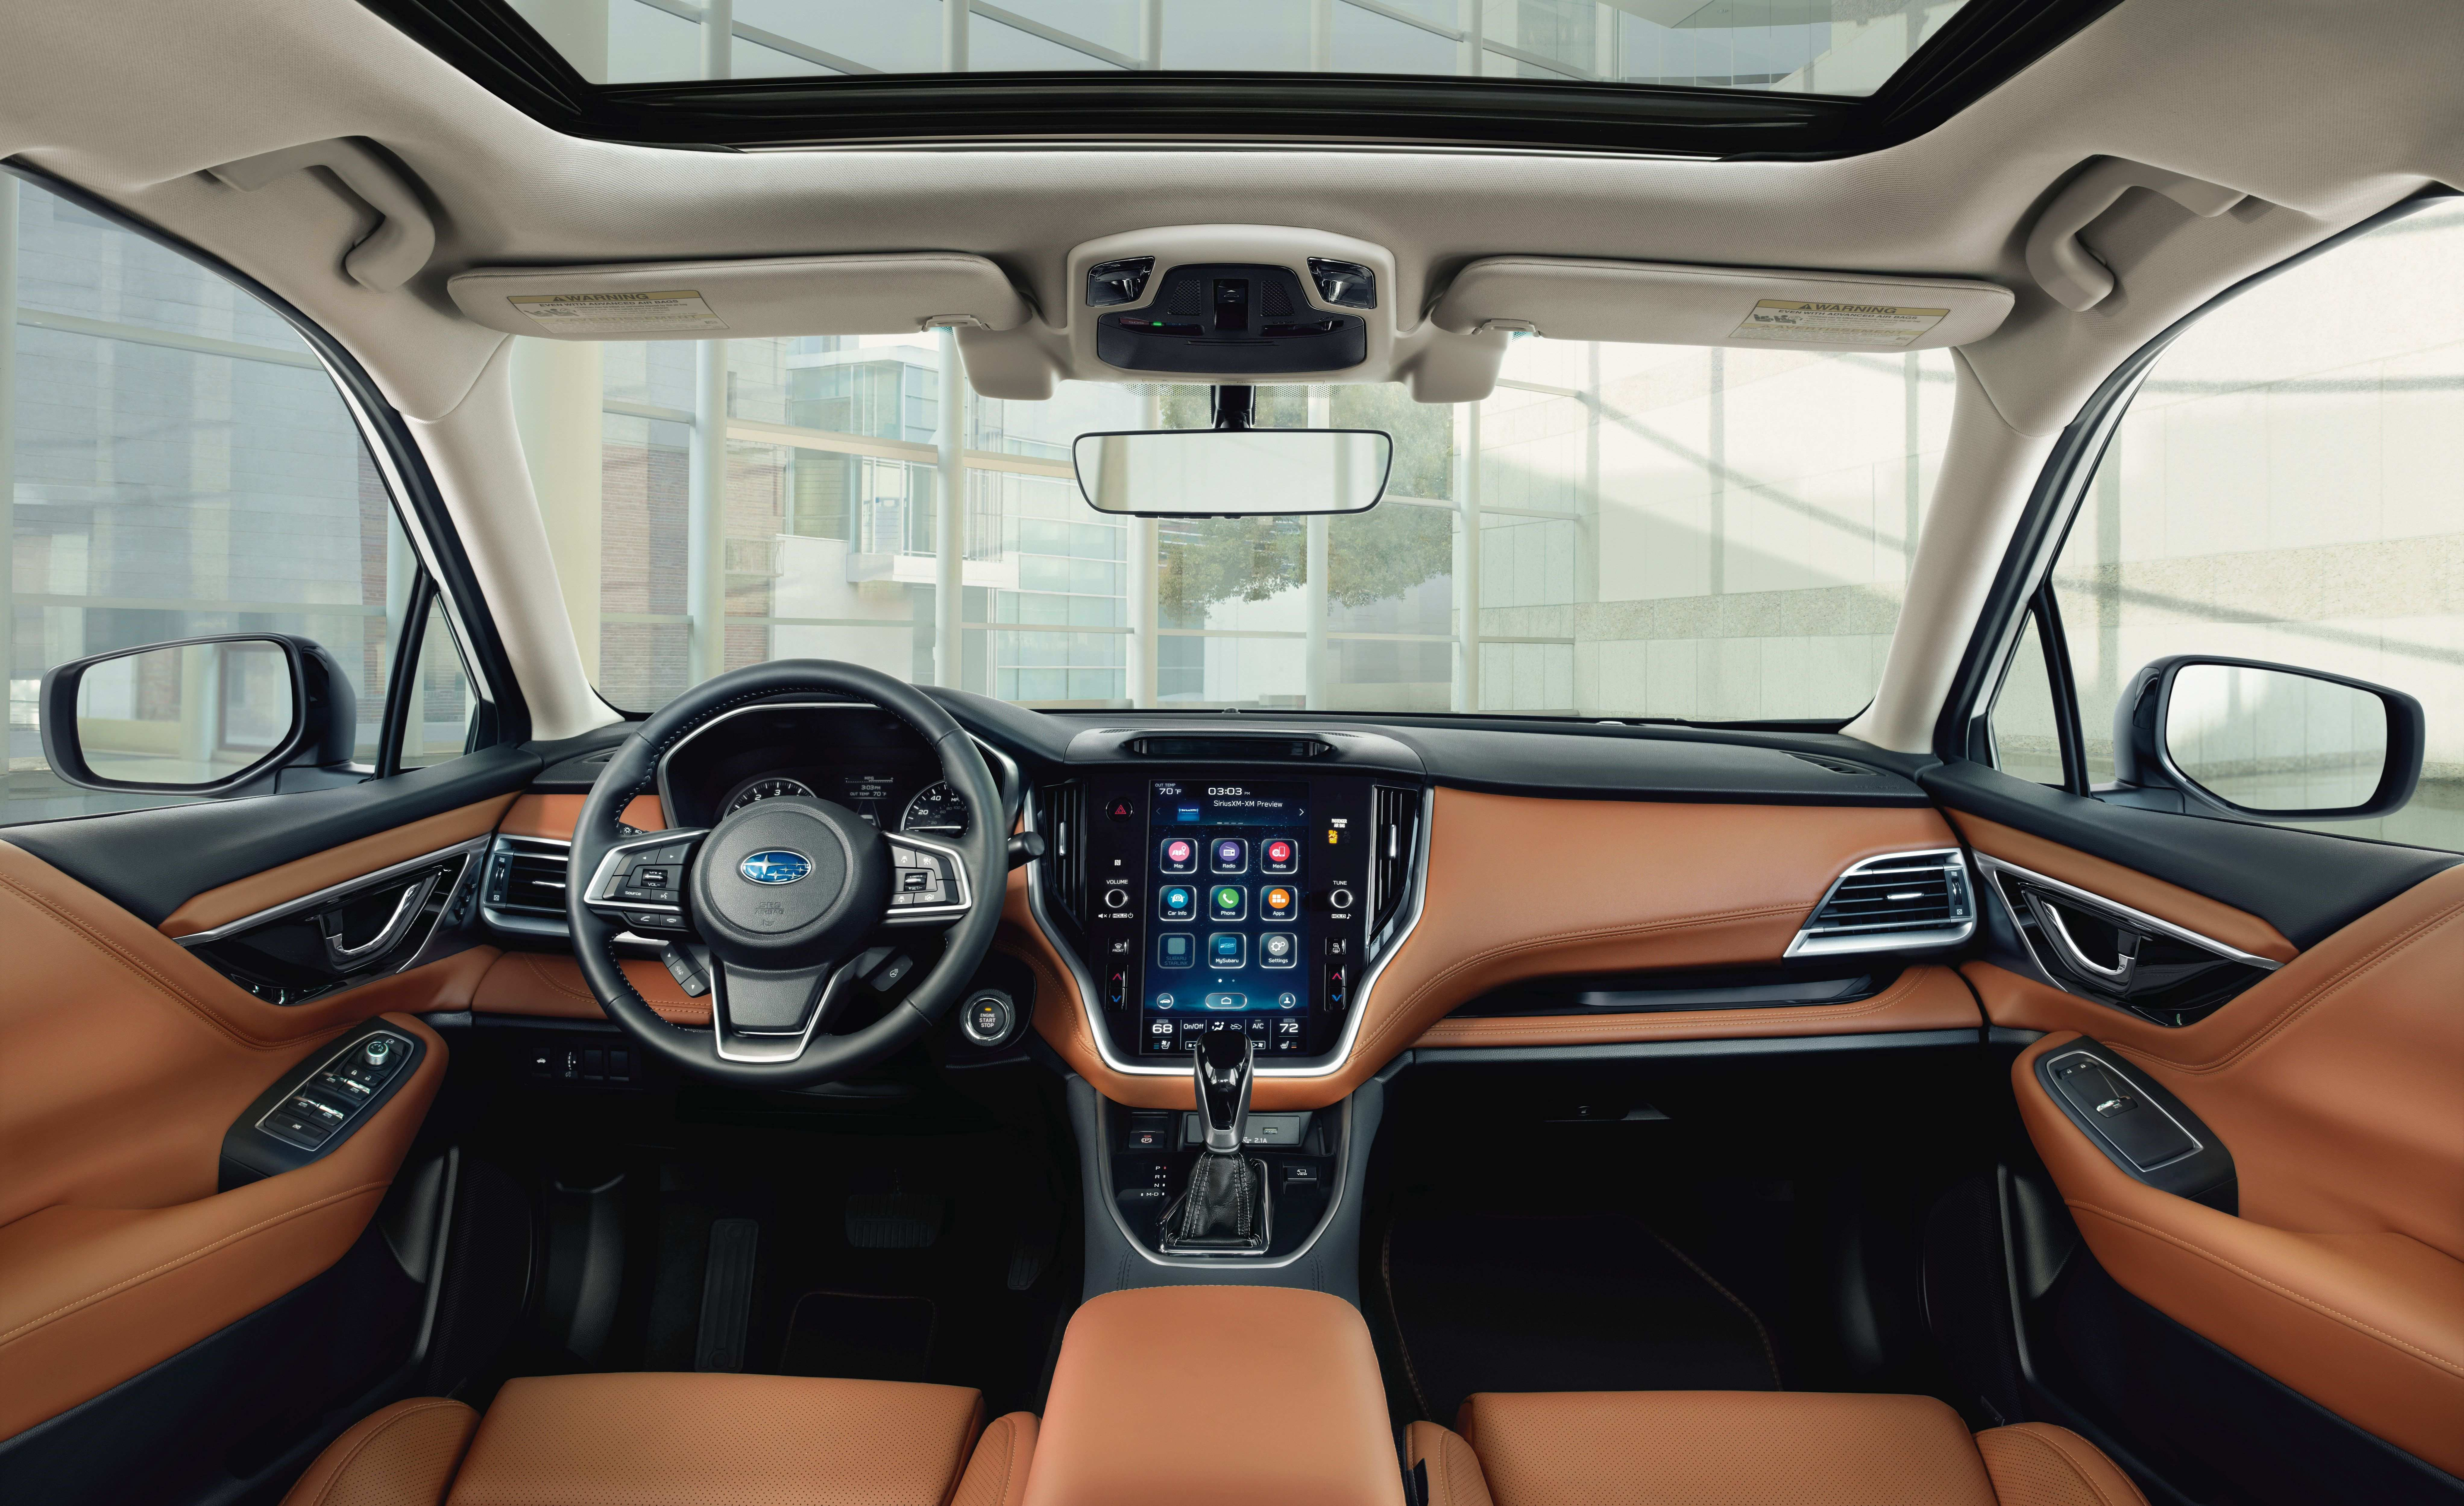 46 Concept of Subaru Legacy 2020 Interior Wallpaper with Subaru Legacy 2020 Interior